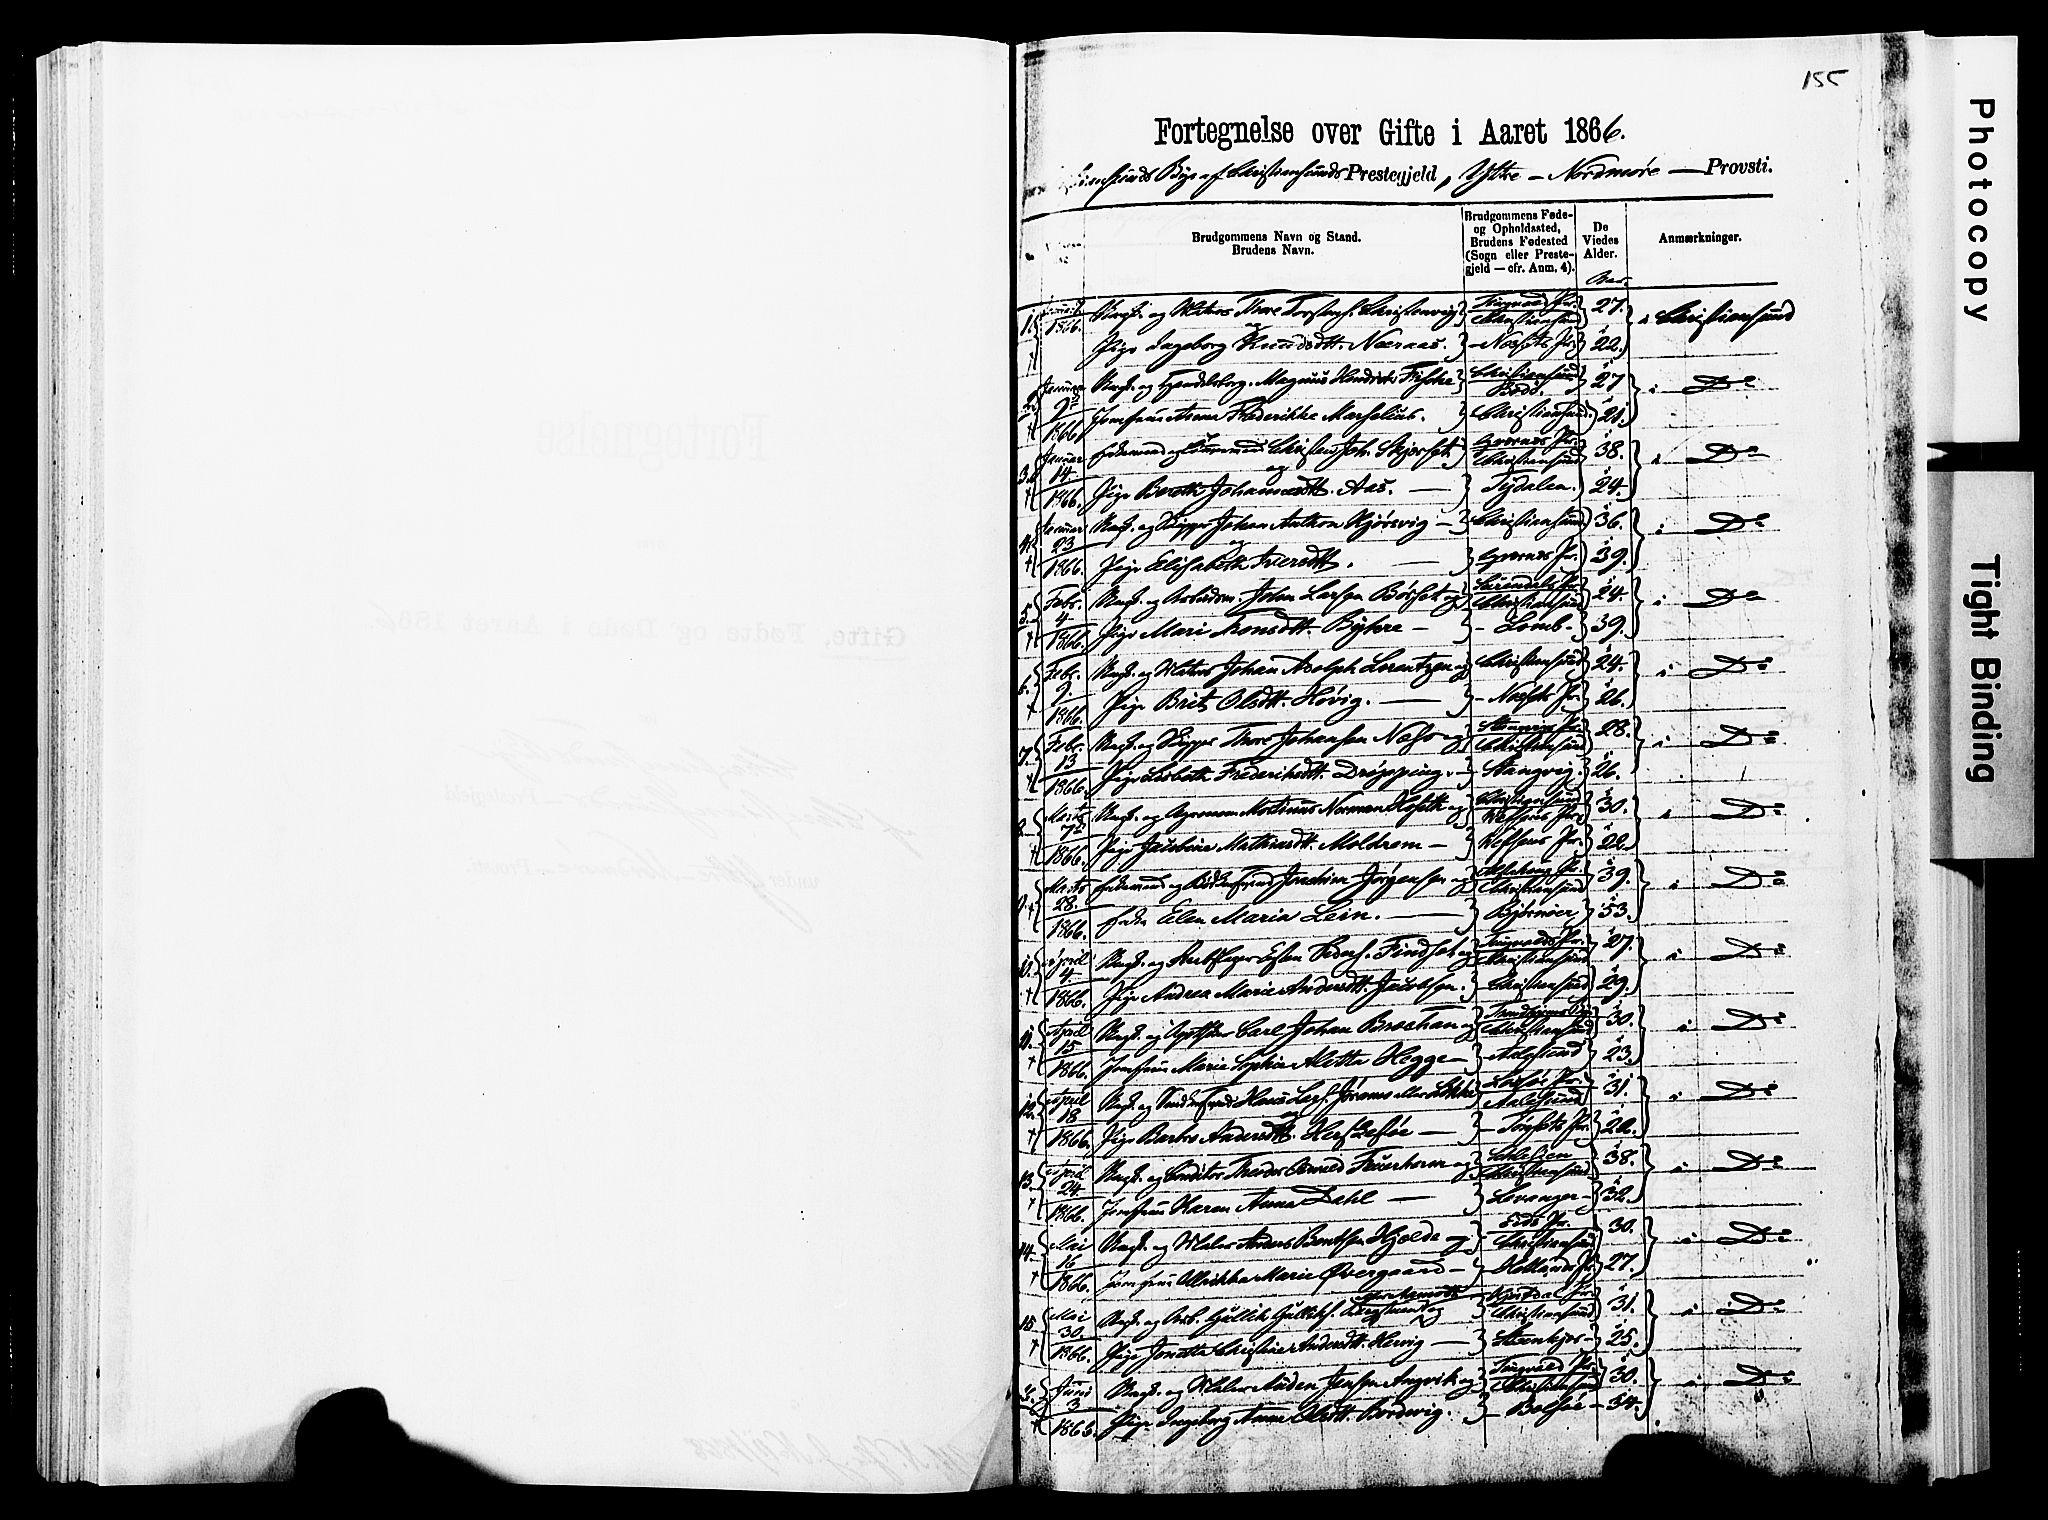 SAT, Ministerialprotokoller, klokkerbøker og fødselsregistre - Møre og Romsdal, 572/L0857: Ministerialbok nr. 572D01, 1866-1872, s. 155